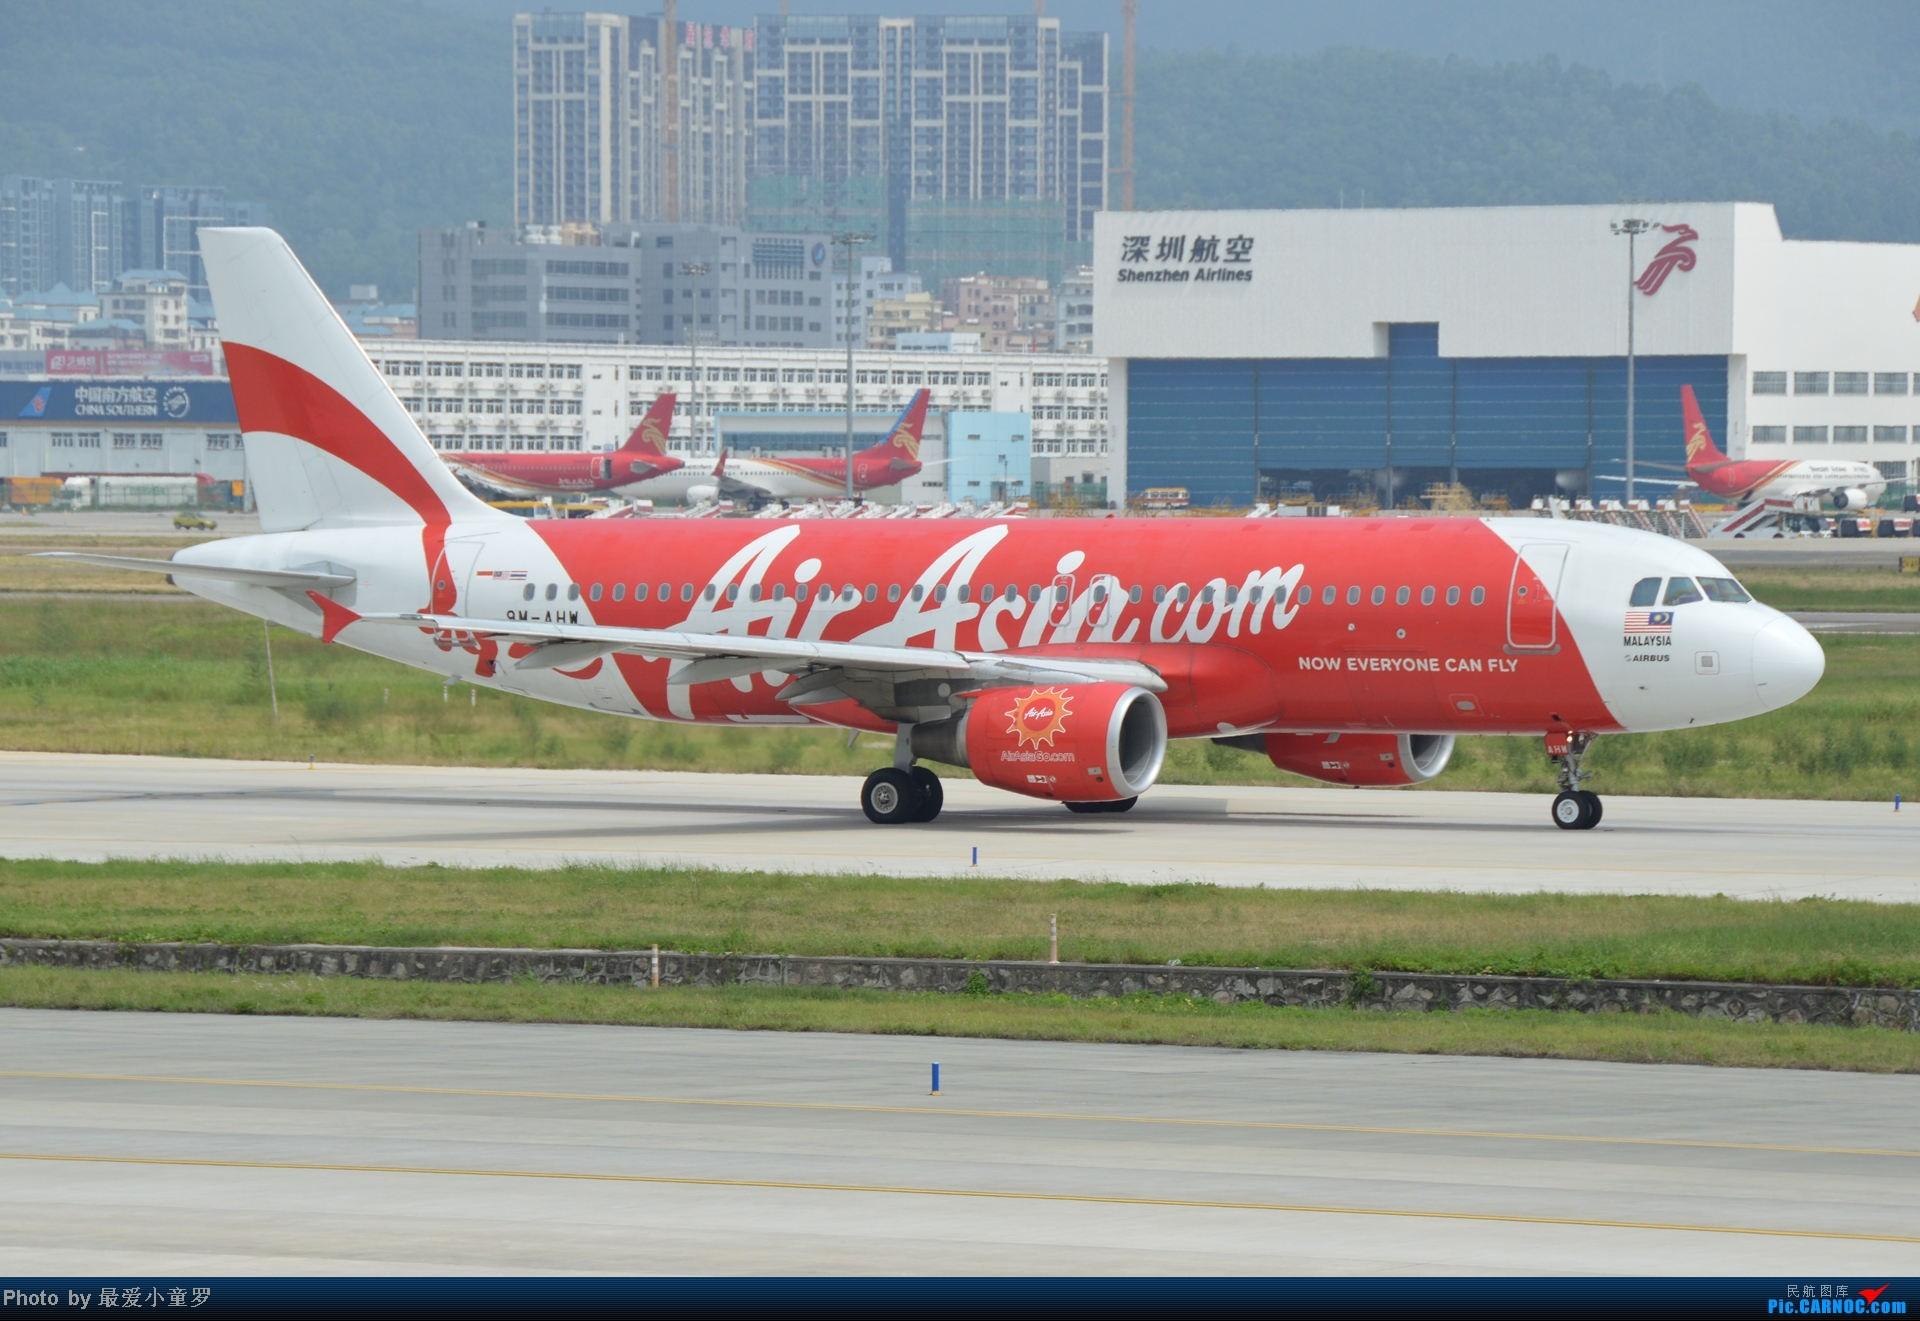 Re:[原创]2014年国庆假期深圳广州四天拍机,多图没怎么修 AIRBUS A320-200 9M-AHW